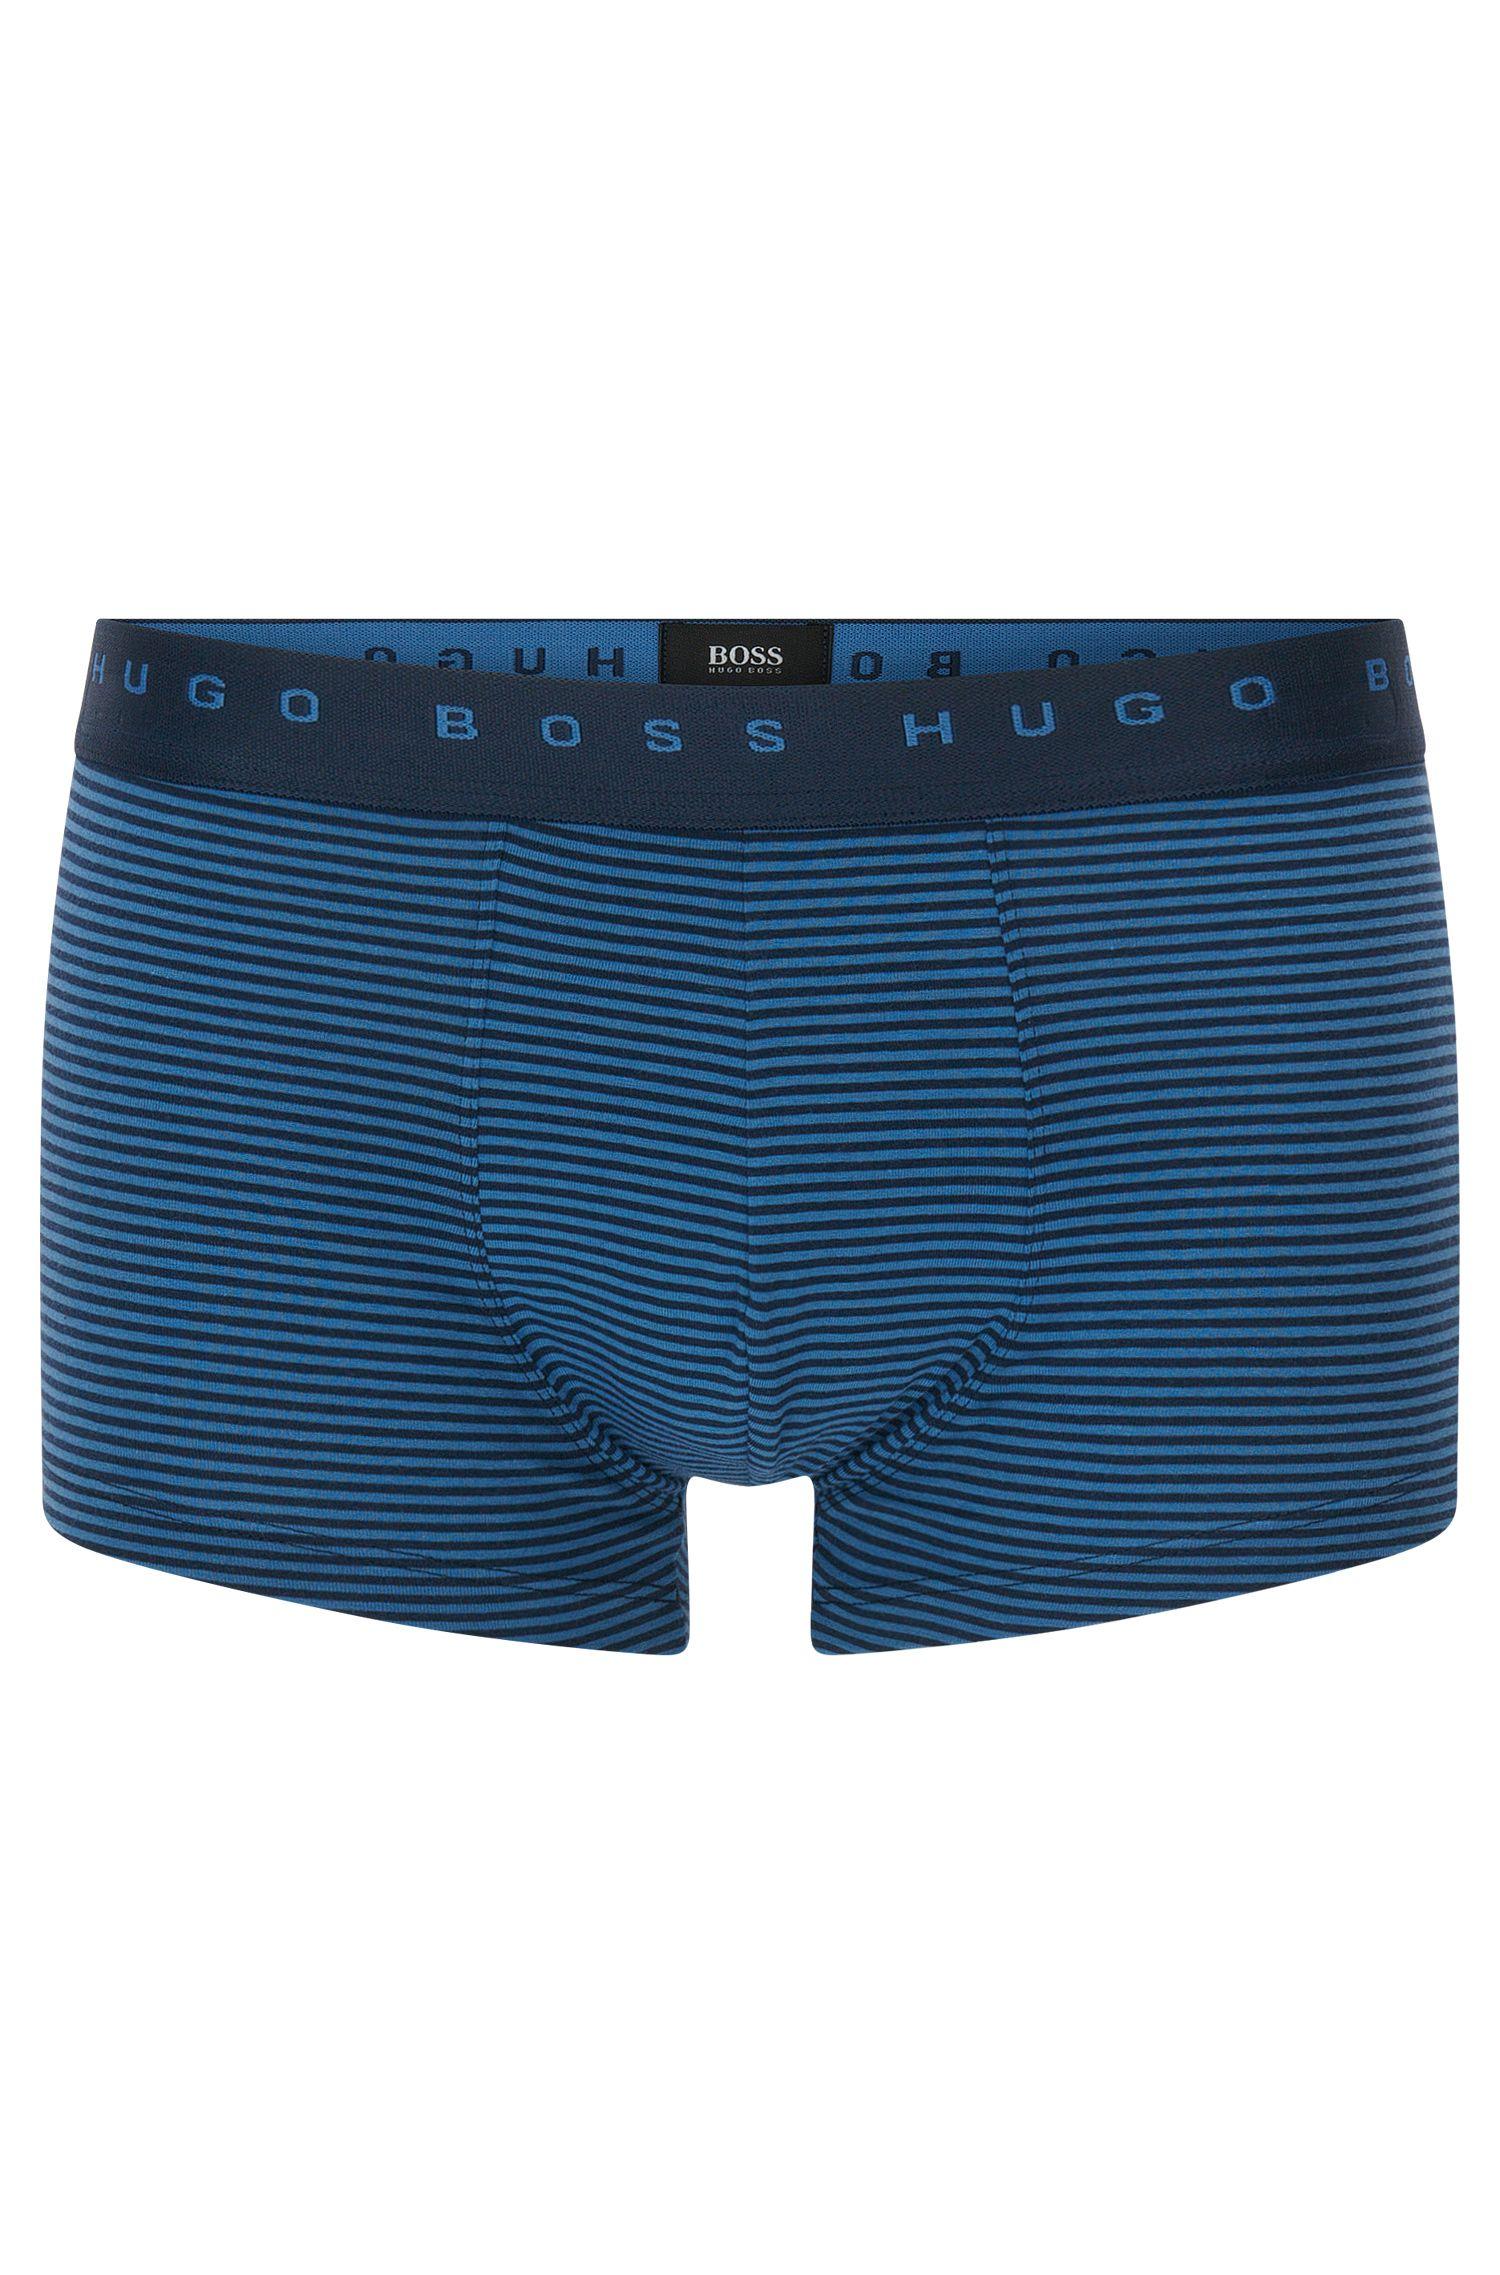 Gestreifte Boxershorts aus elastischer Baumwolle: 'Trunk Finestripe'